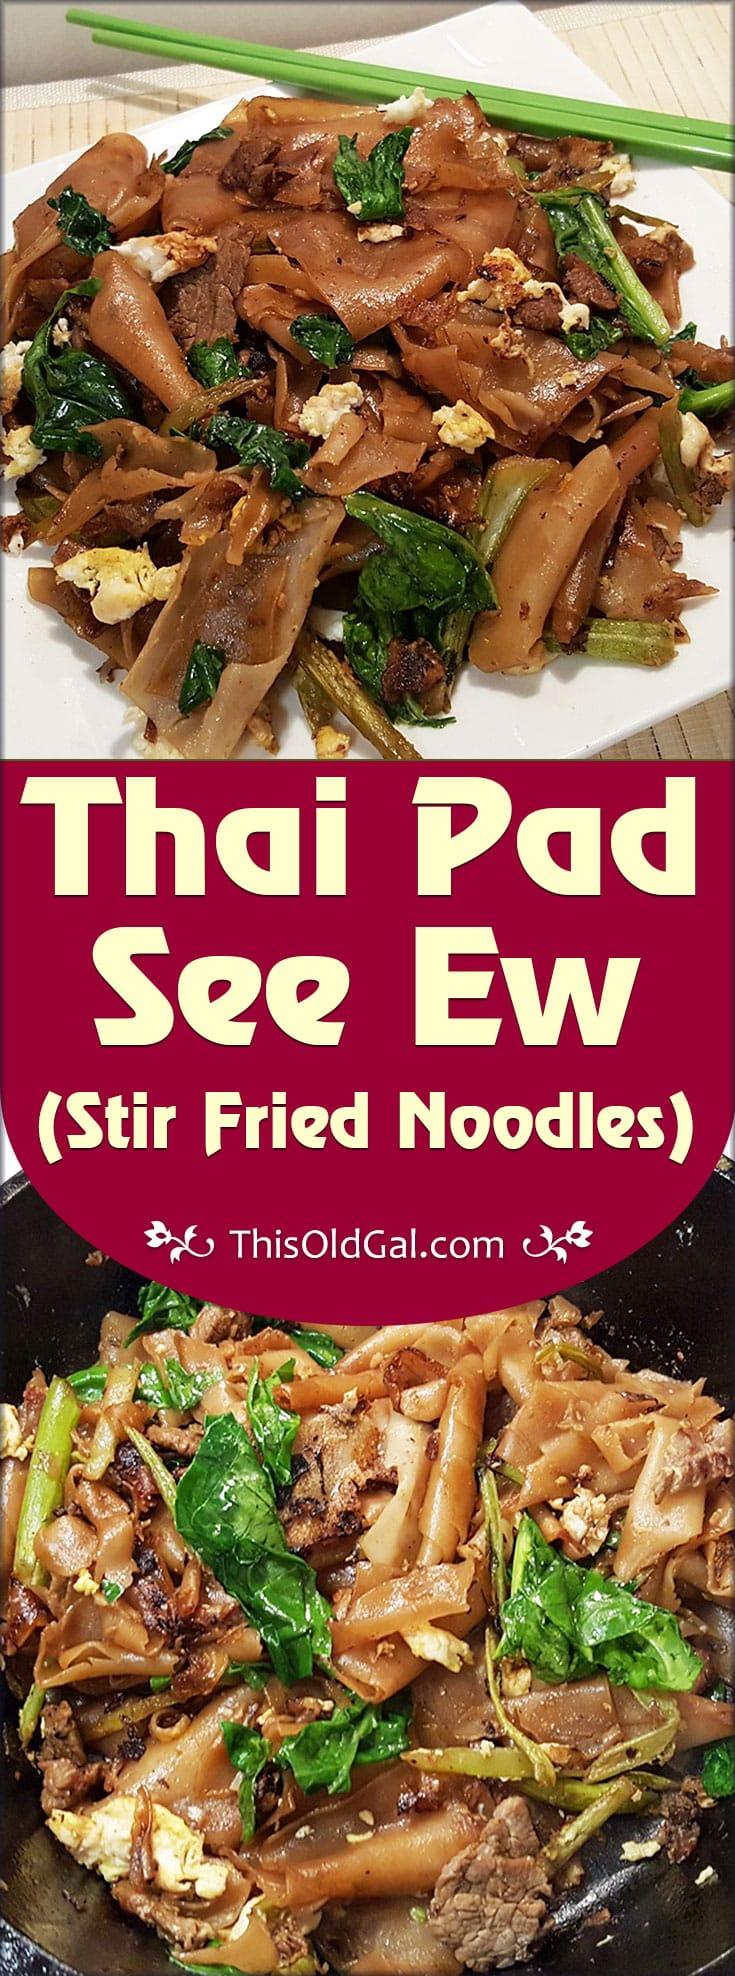 Thai Pad See Ew (Stir Fried Noodles) | This Old Gal